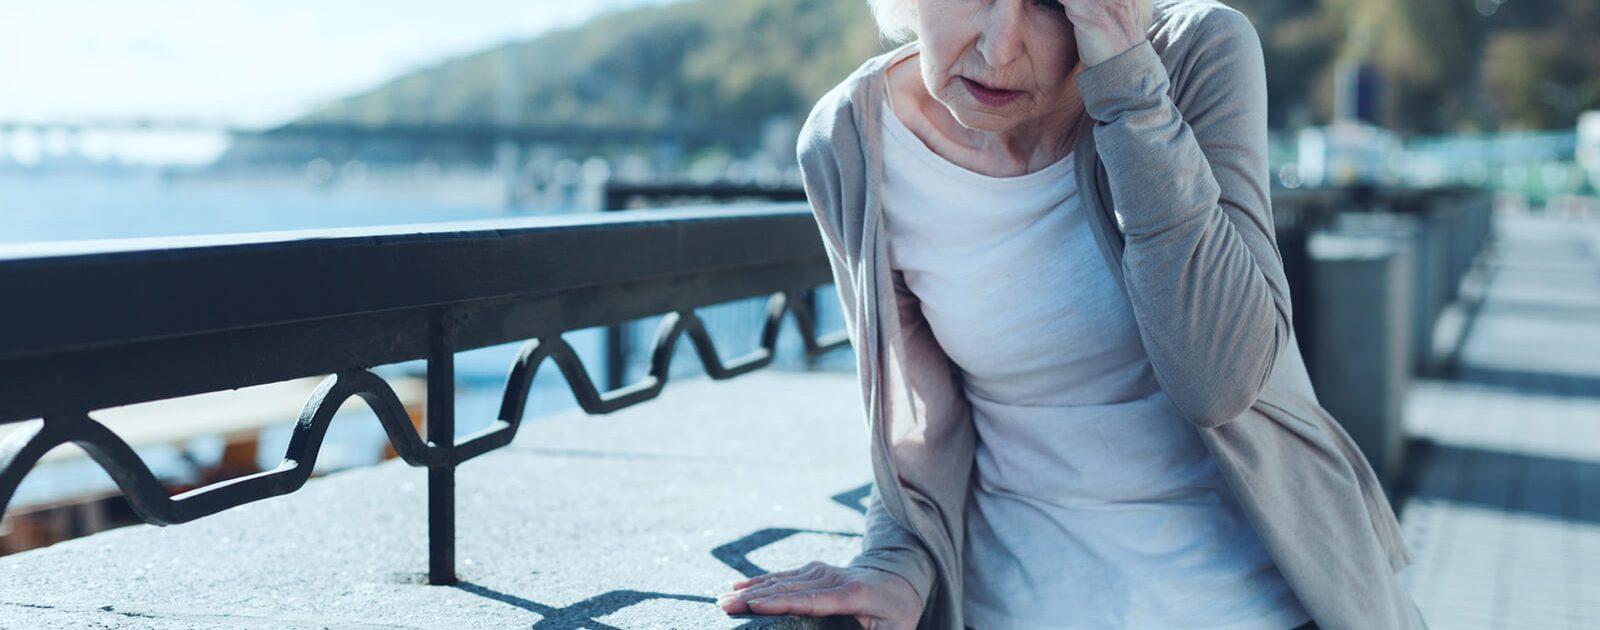 Eine Frau kämpft mit den Folgen eines Vitamin B12-Mangels.